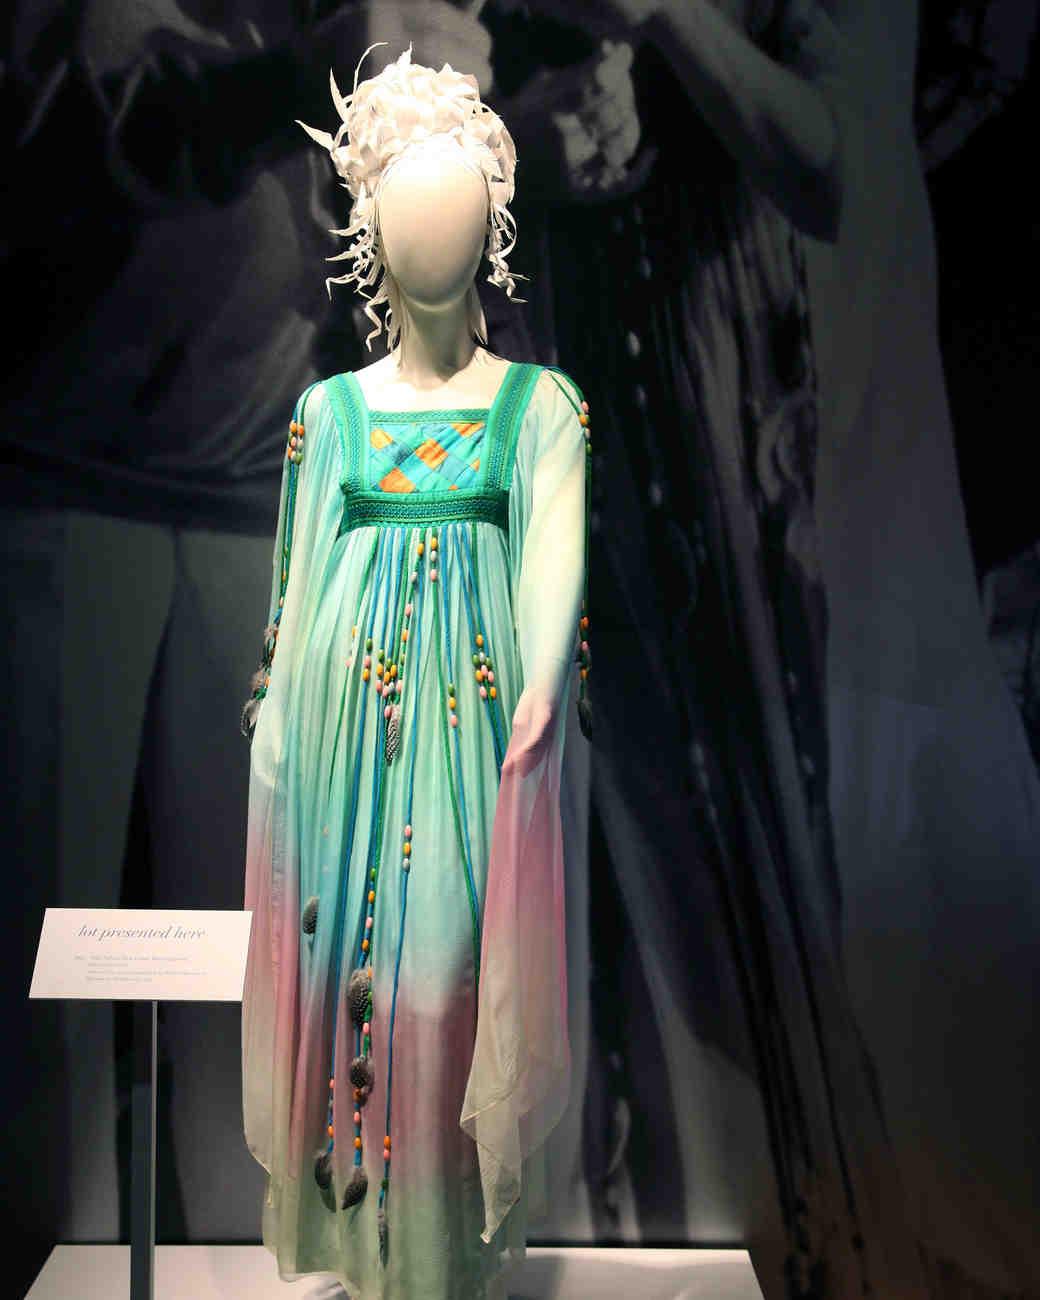 celebrity-colorful-wedding-dresses-elizabeth-taylor-green-gettyimages-134450957-0815.jpg